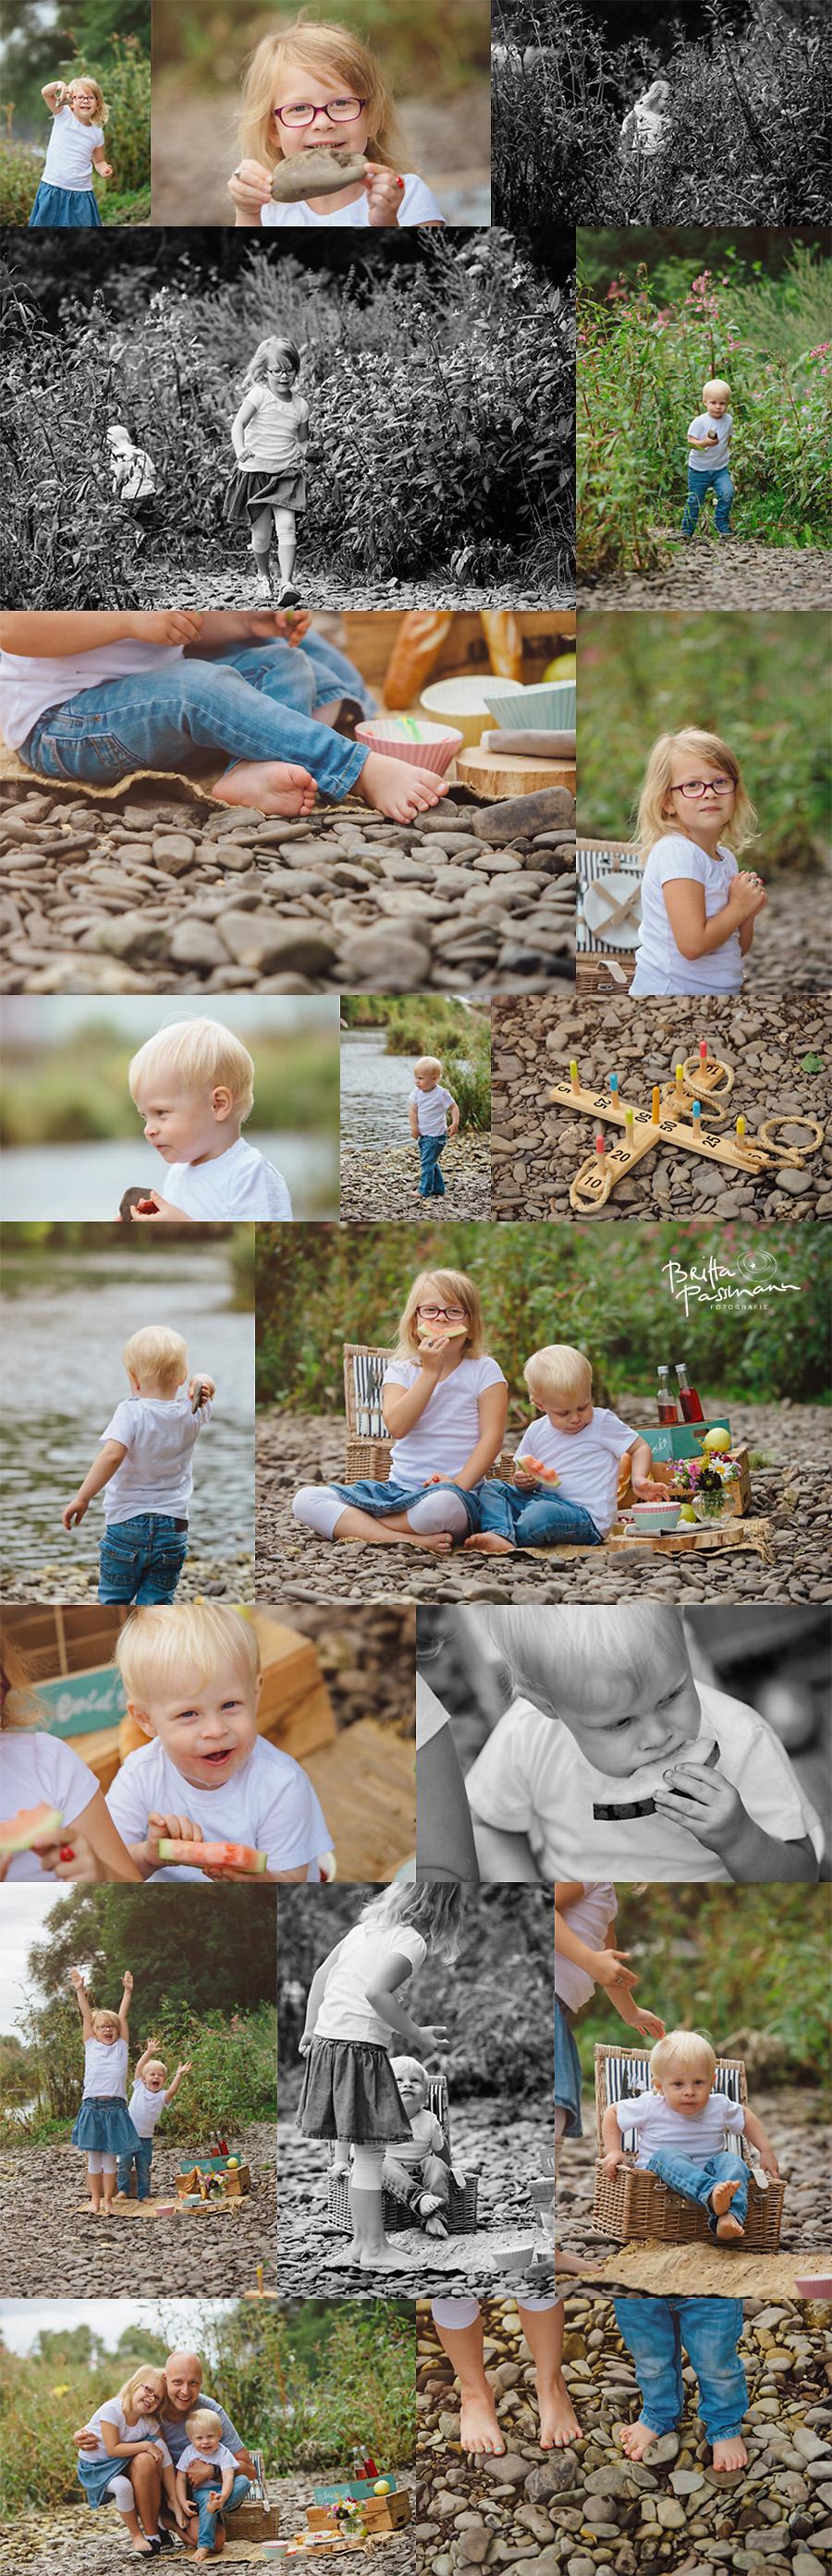 Britta Passmann Fotografie Kinderfotos Familienfotos Dortmund picknick an der Ruhr_03